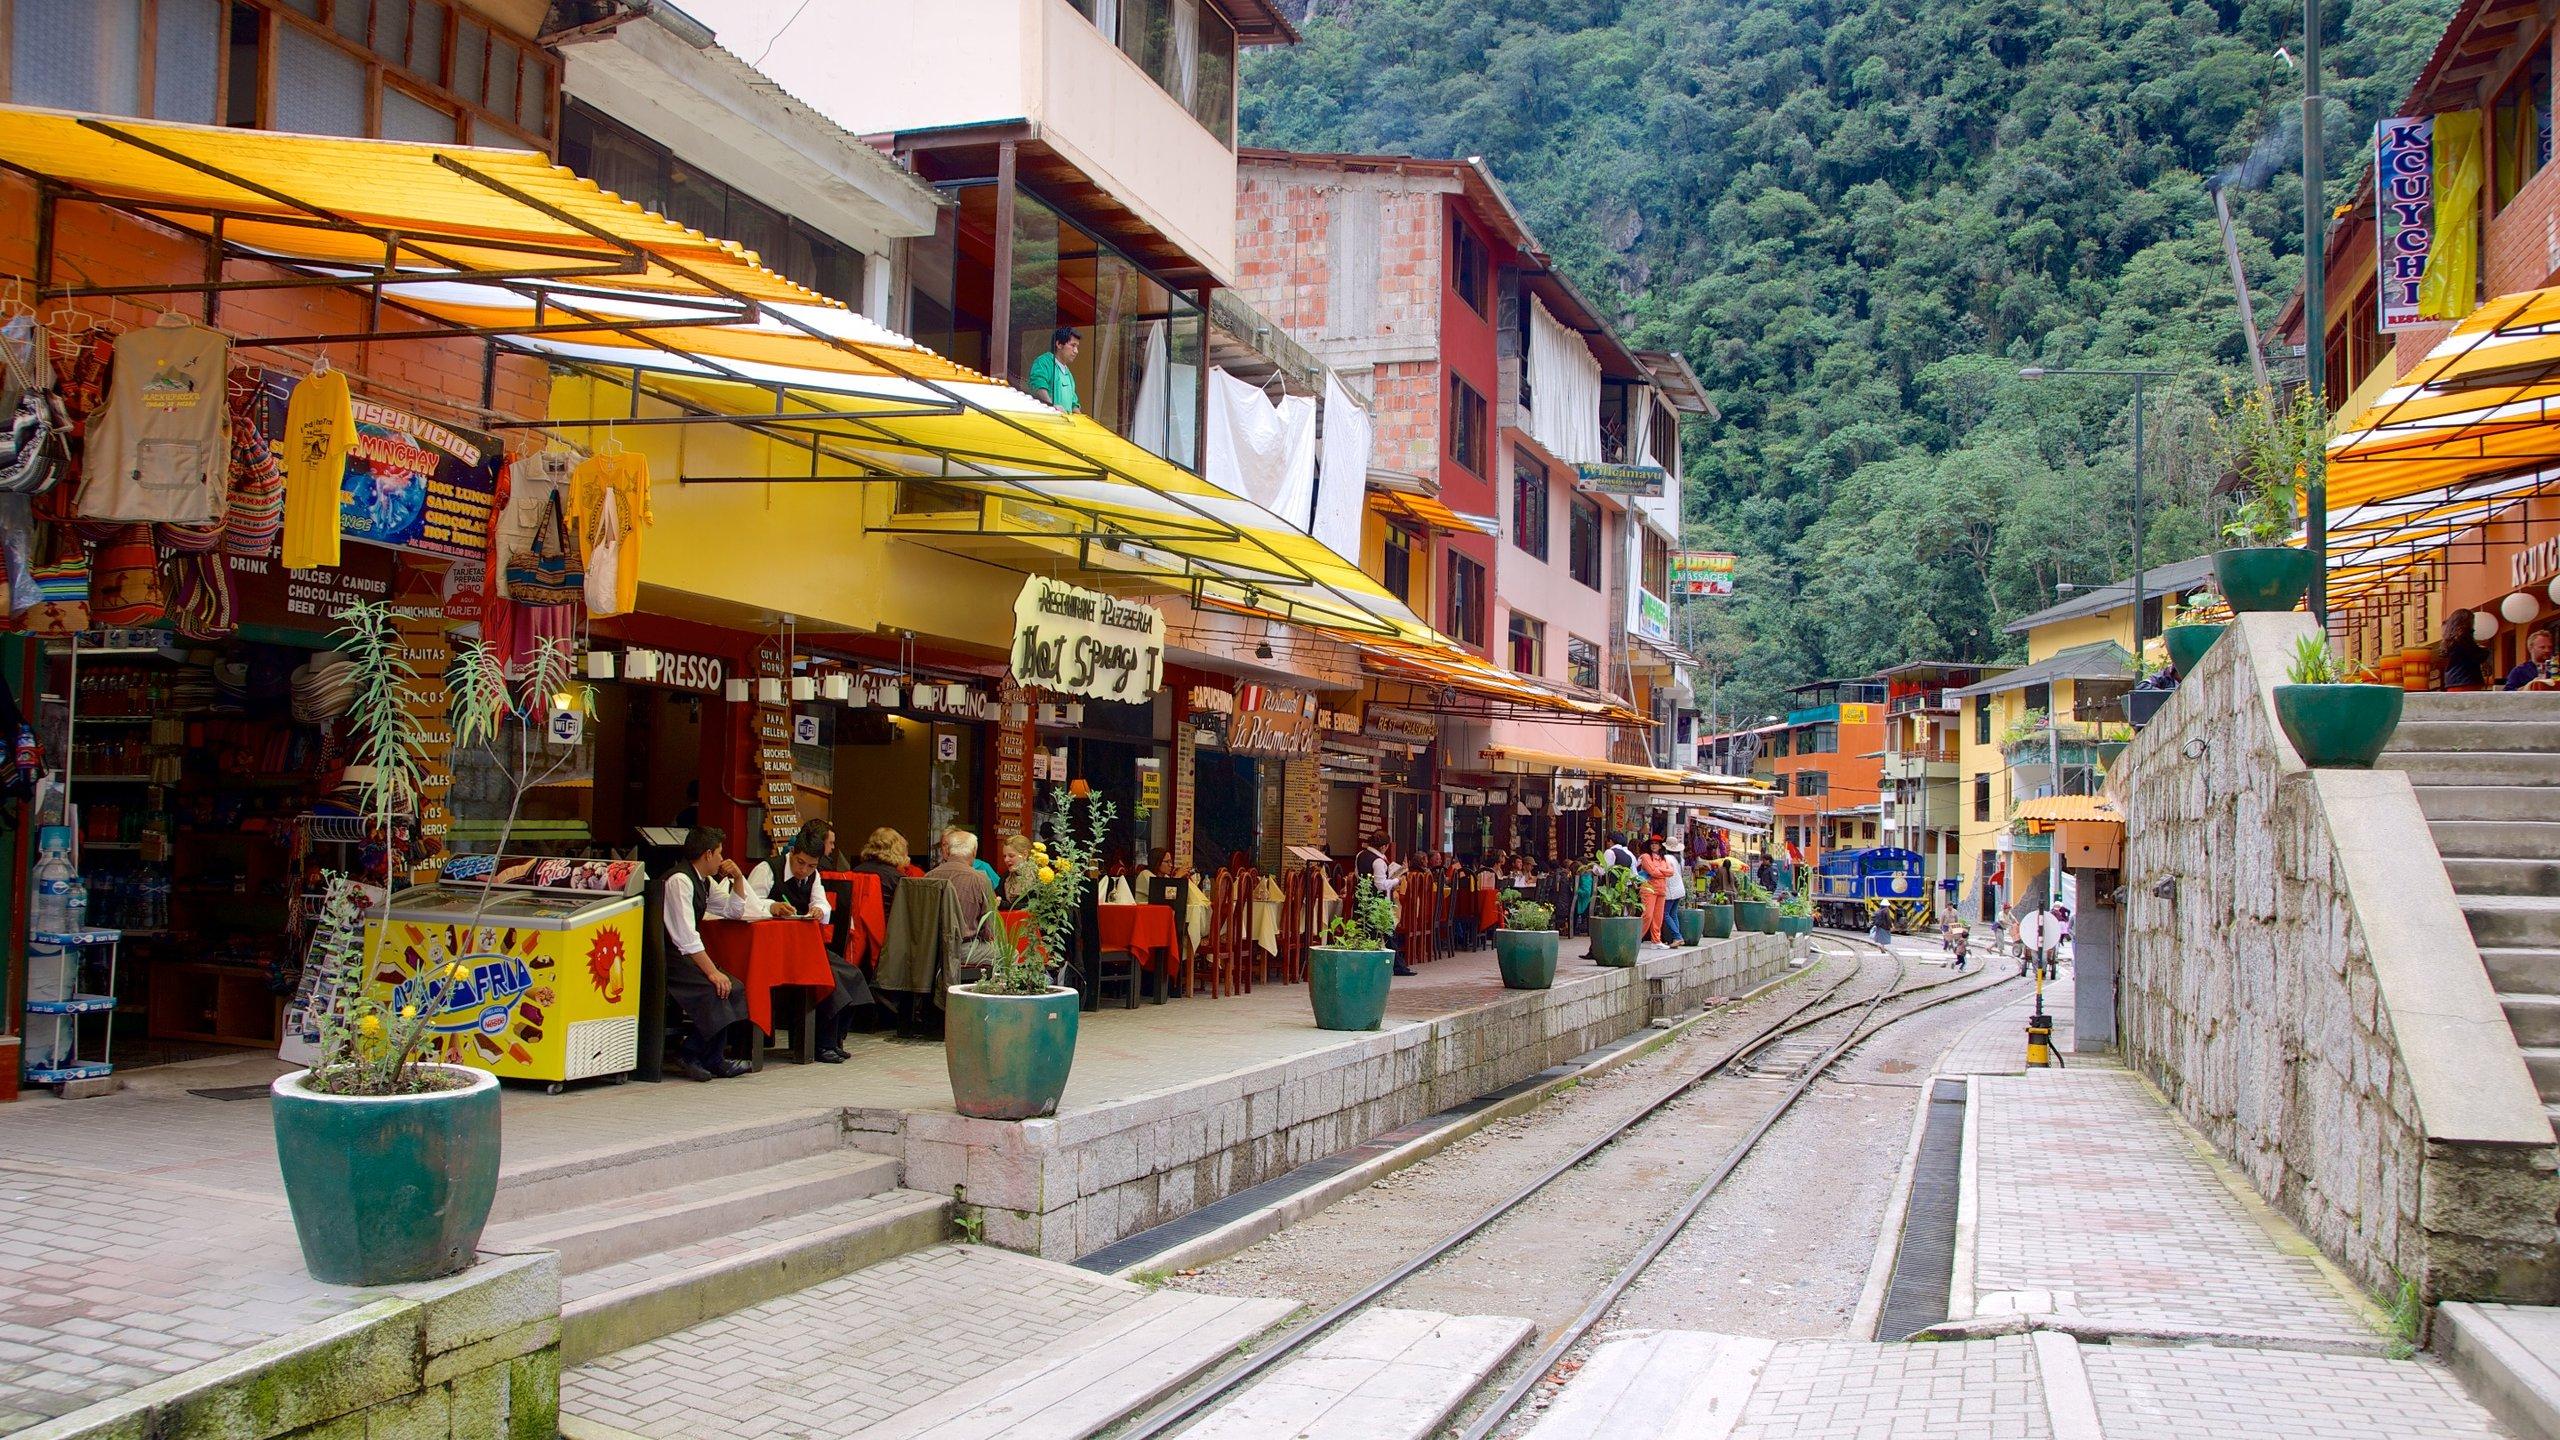 Aguas Calientes, Machu Picchu, Cusco Region, Peru